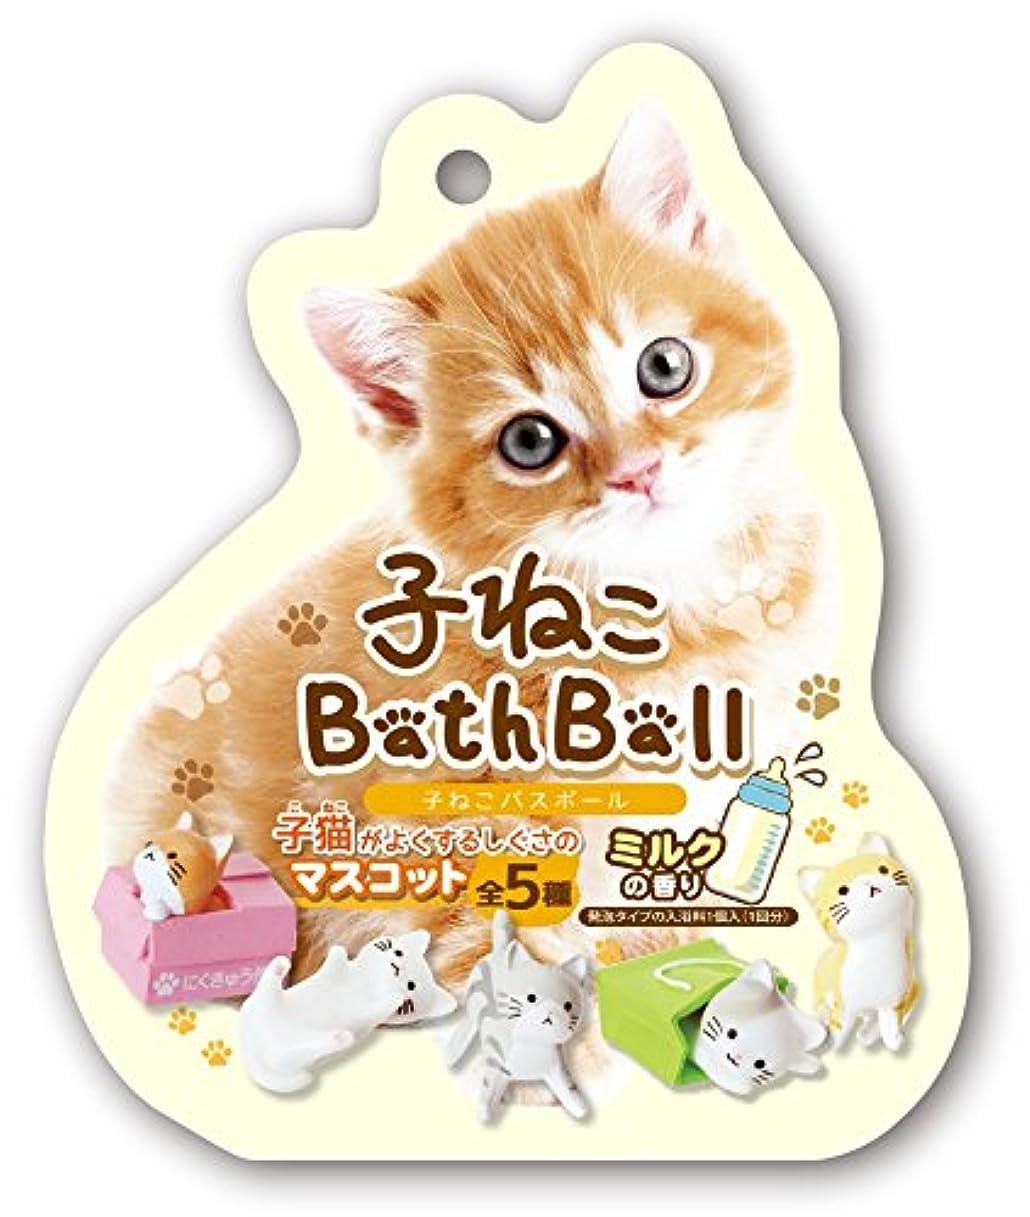 後世比喩倍増ノルコーポレーション 入浴剤 こねこ バスボール ミルクの香り 50g OB-NEB-2-1